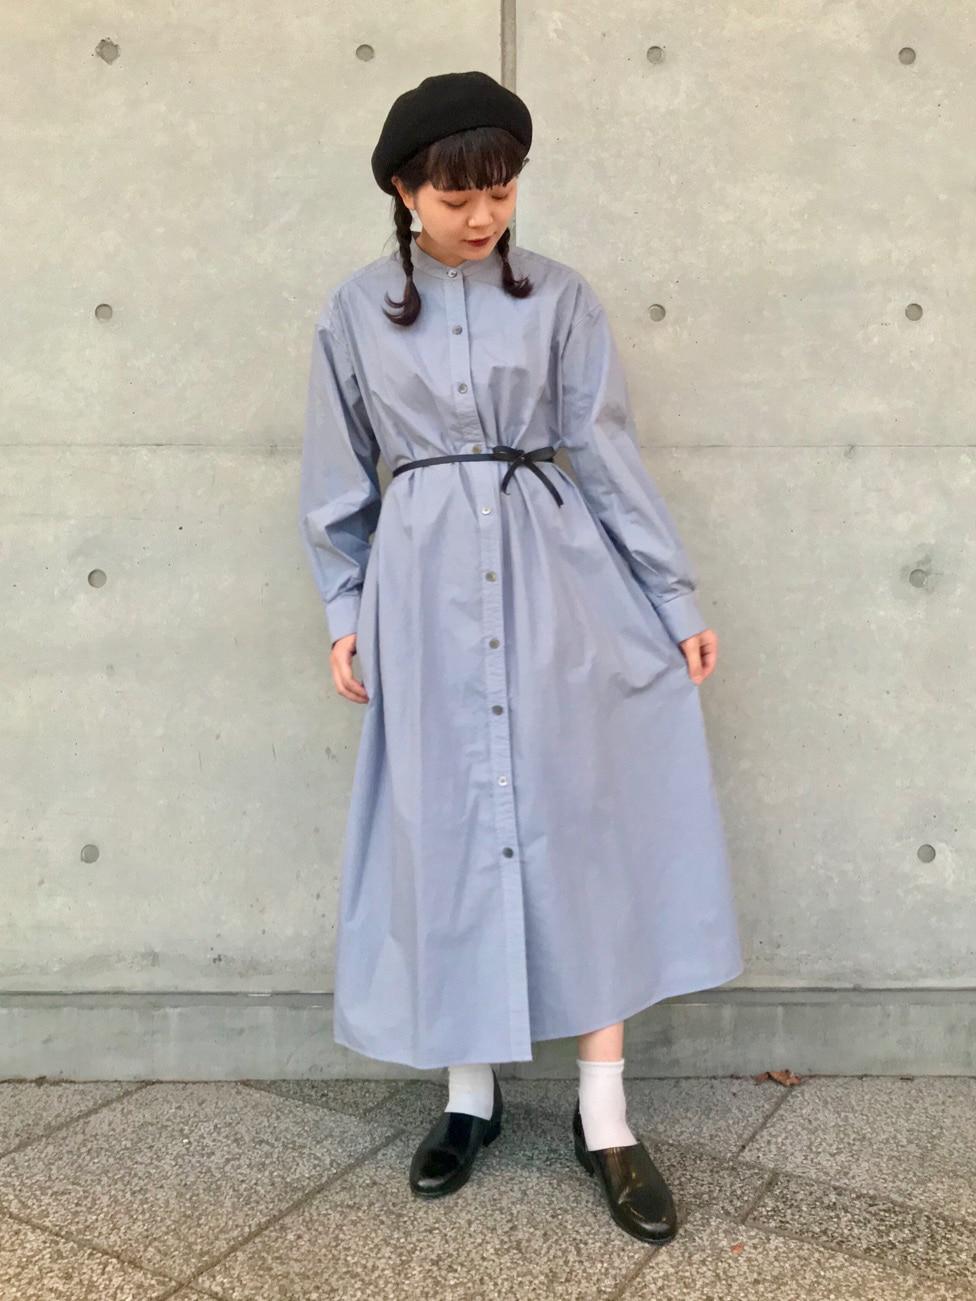 l'atelier du savon 東京スカイツリータウン・ソラマチ 身長:154cm 2020.10.05